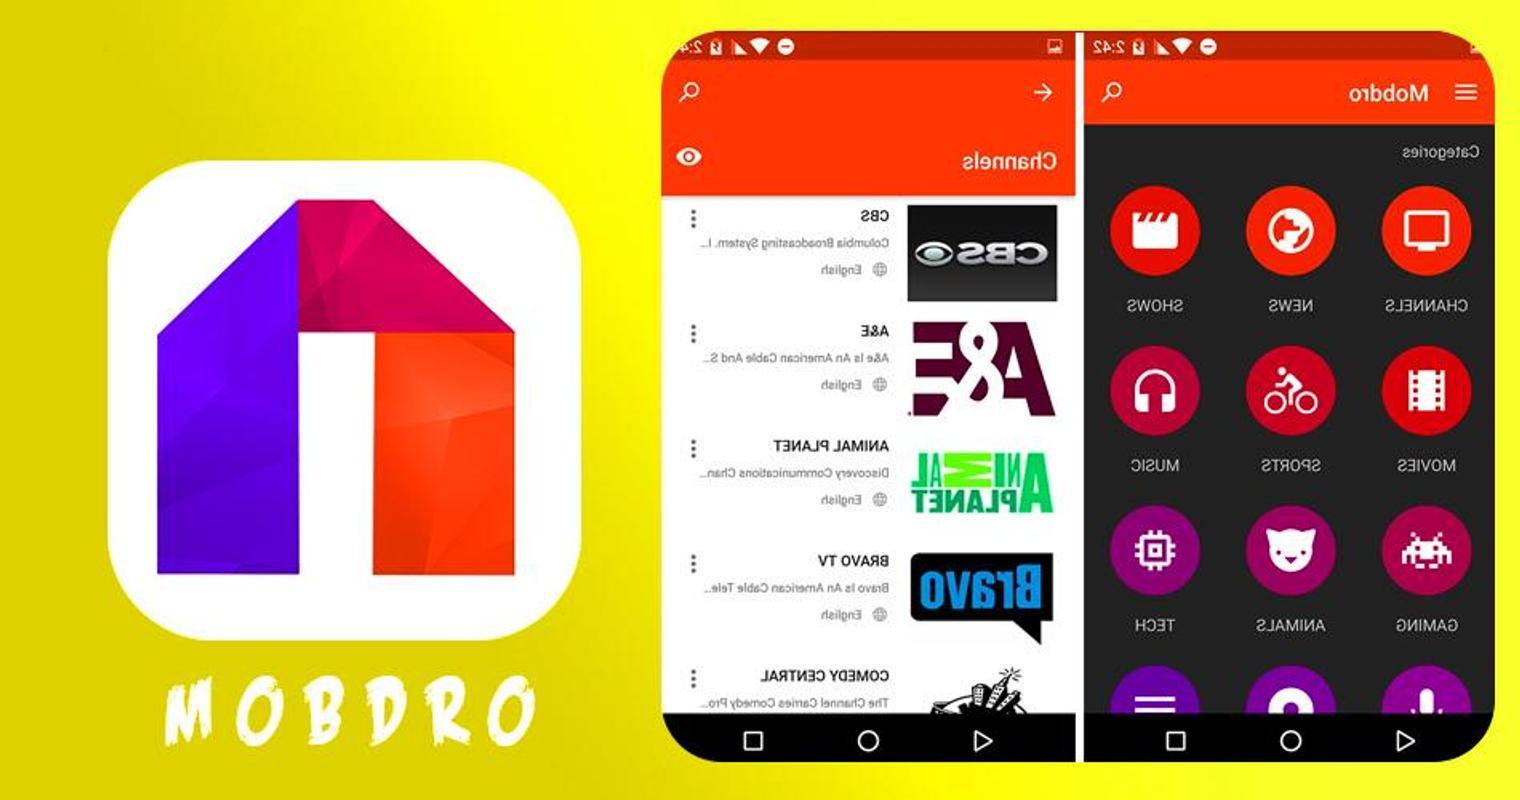 Découvrez ici quelles sont les caractéristiques de Mobdro, mais aussi comment télécharger cette application qui vous promet des moments de plaisir et d'évasion tout à fait mémorables ! Toutes les questions que vous pouvez vous poser sur Mobdro trouvent des réponses dans ce guide.